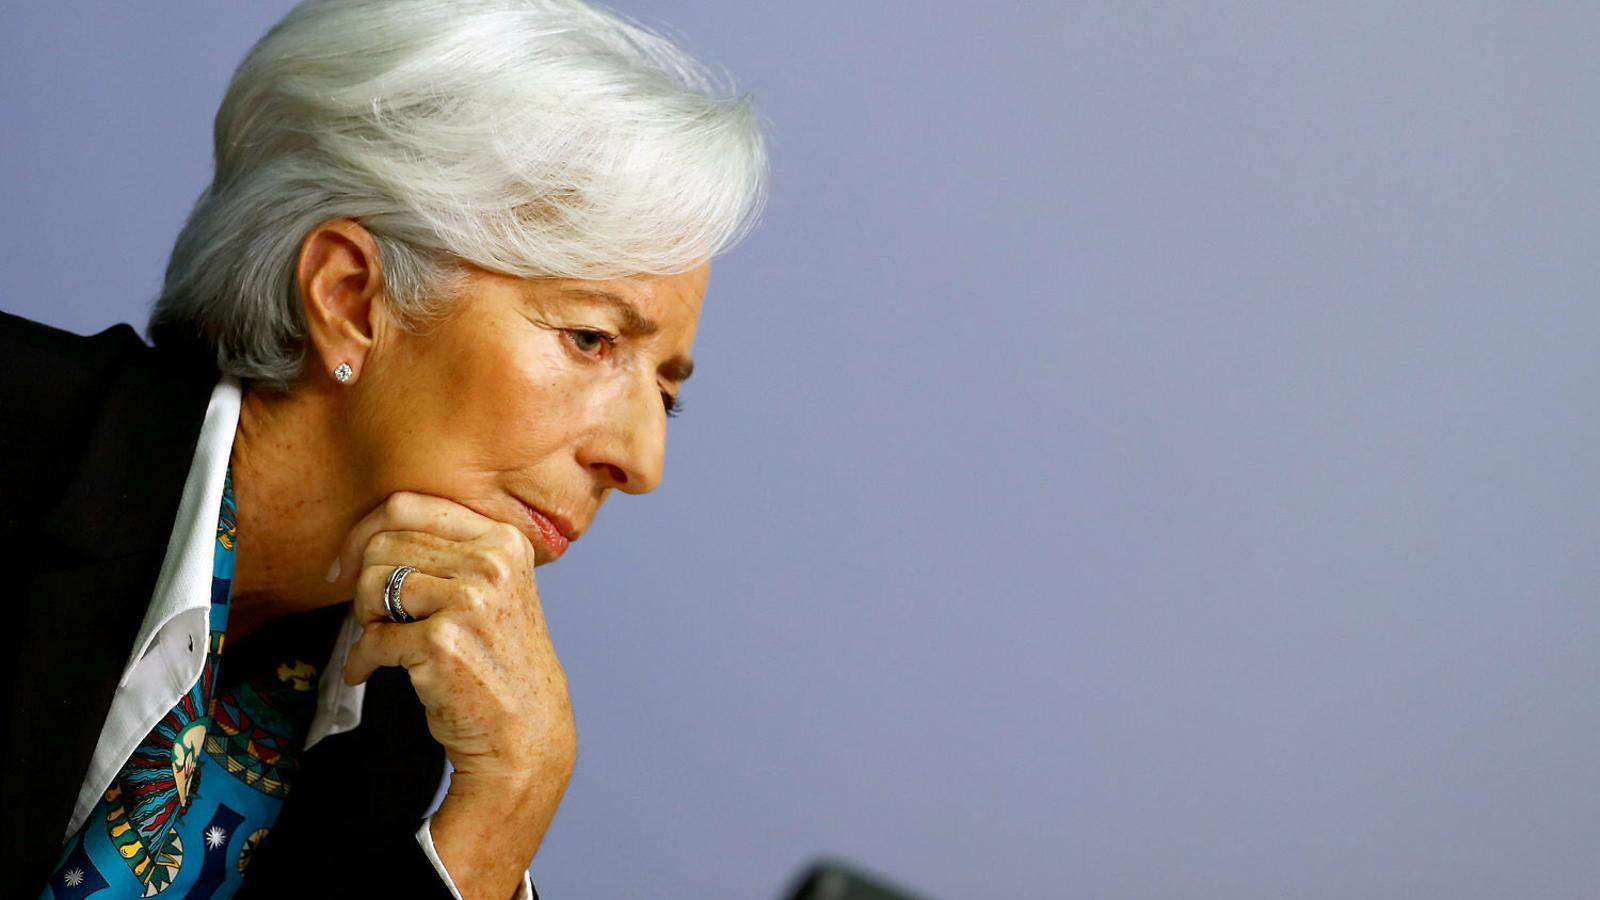 La presidenta del Banc Central Europeu, Christine Lagarde (en una imatge d'arxiu), ha avisat els estats de la UE que caldrà que impulsin mesures de despesa econòmica per fer front a la crisi.